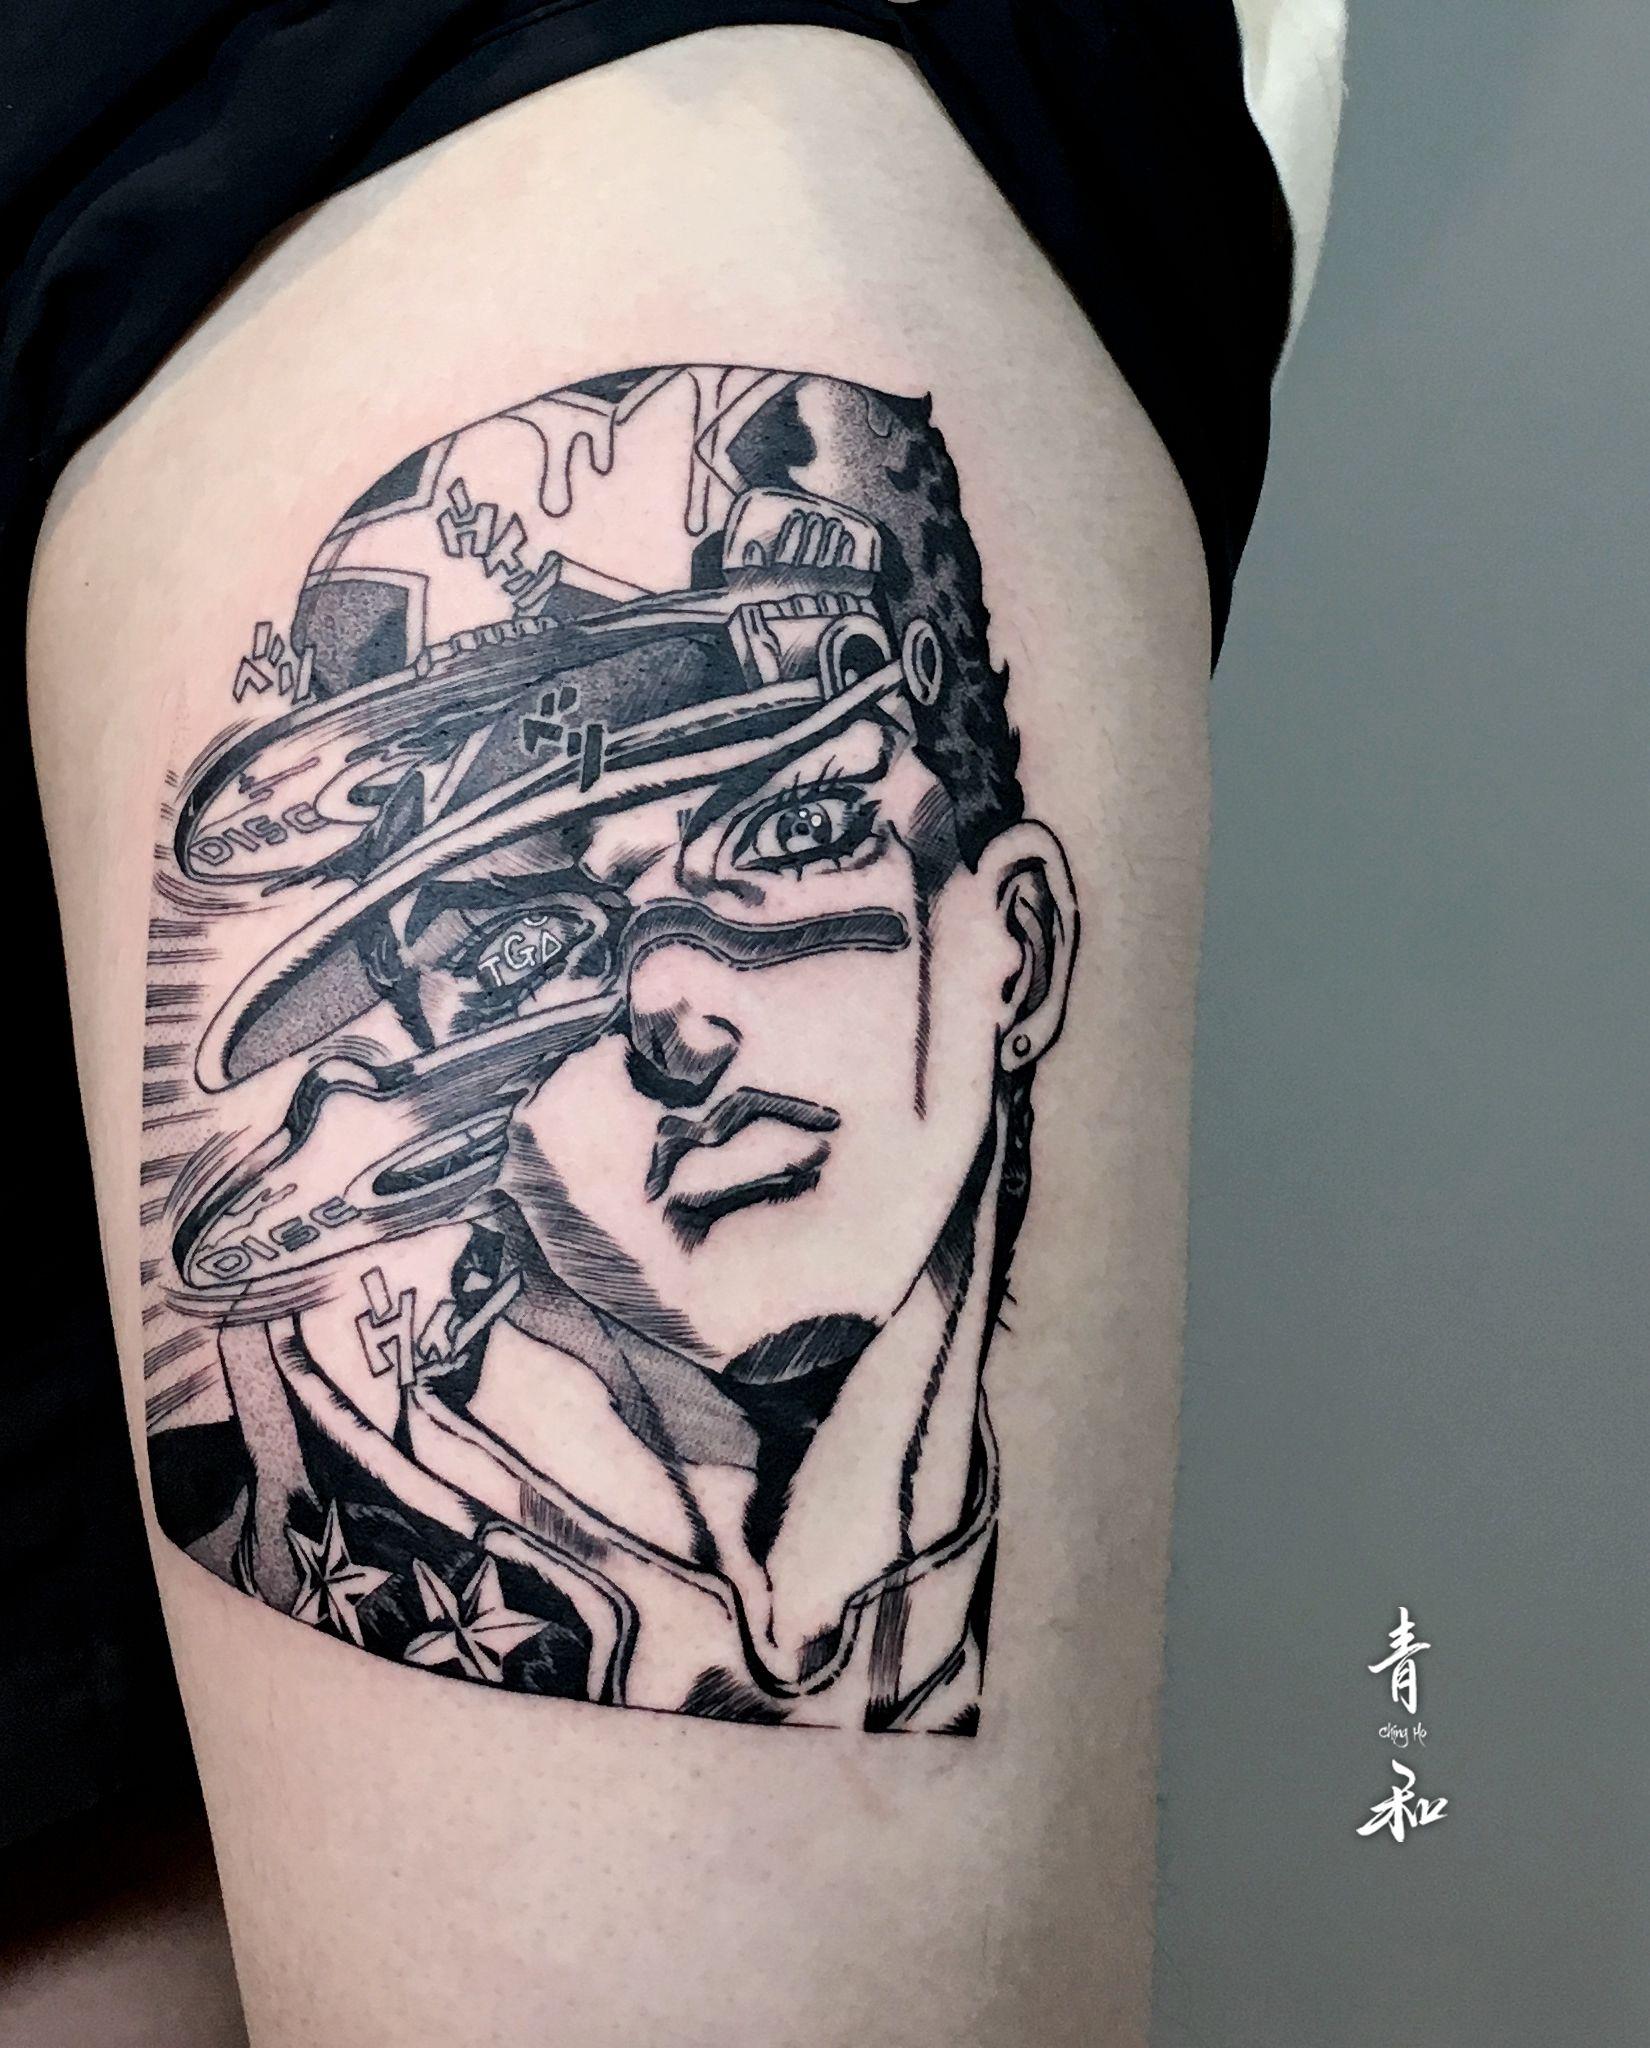 Tattoo You Jojo : tattoo, 𐐪♡𐑂, 𝙛𝙤𝙡𝙡𝙤𝙬, @𝙖𝙭𝙮𝙡𝙞𝙘𝙞𝙤𝙪𝙨, Adventure, Tattoo,, Tattoos,, Tattoos